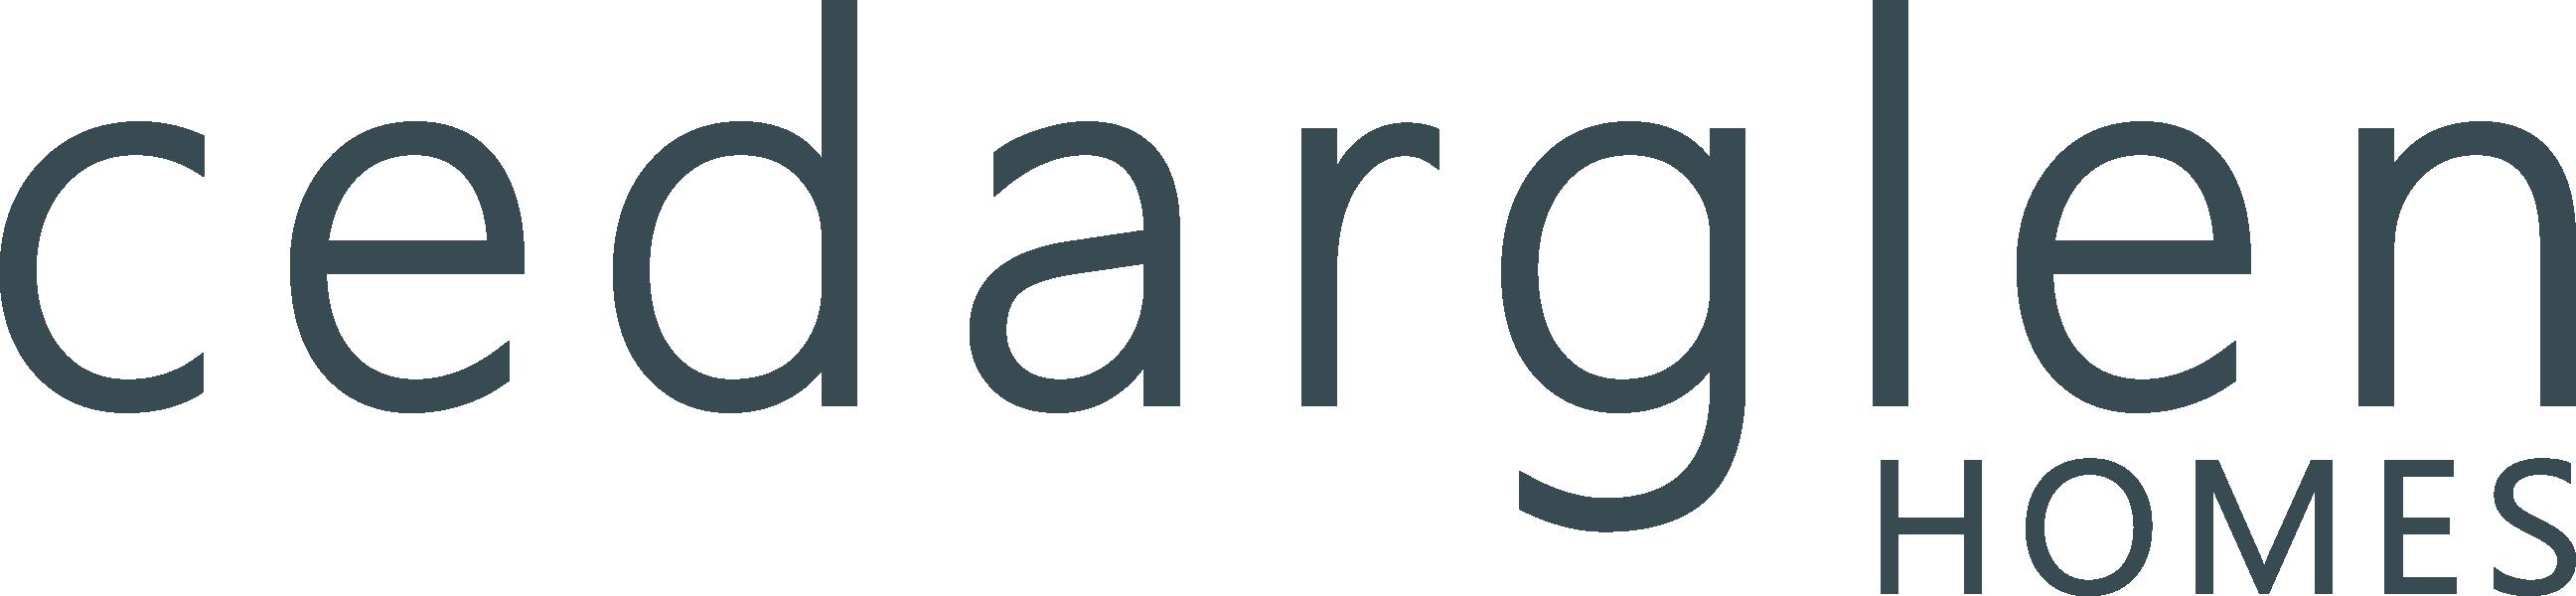 Cedarglen Homes Logo